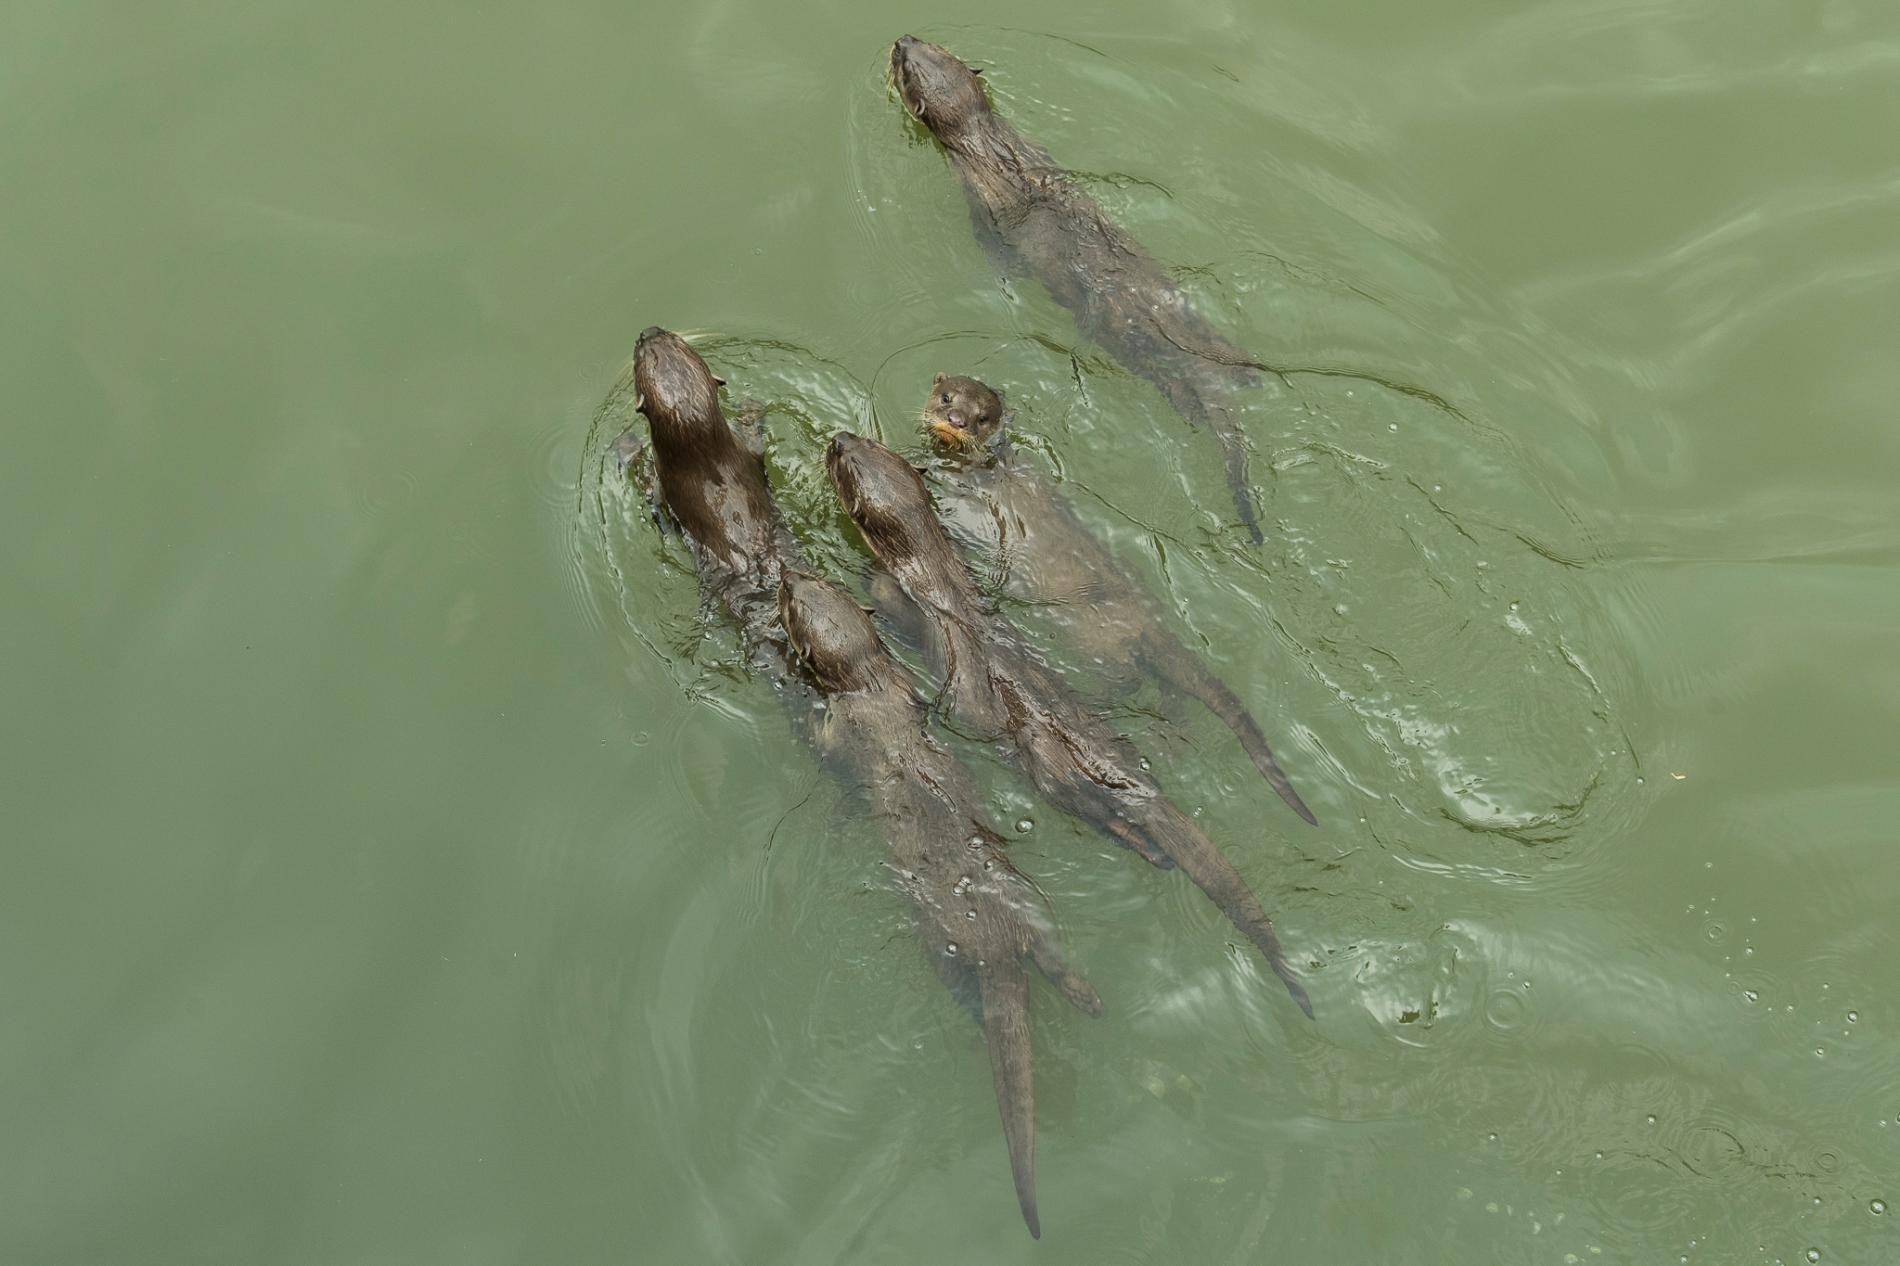 碧山家族只有幾個月大的小水獺,游在牠們親戚的身後尋找魚。PHOTOGRAPH BY STEFANO UNTERTHINER